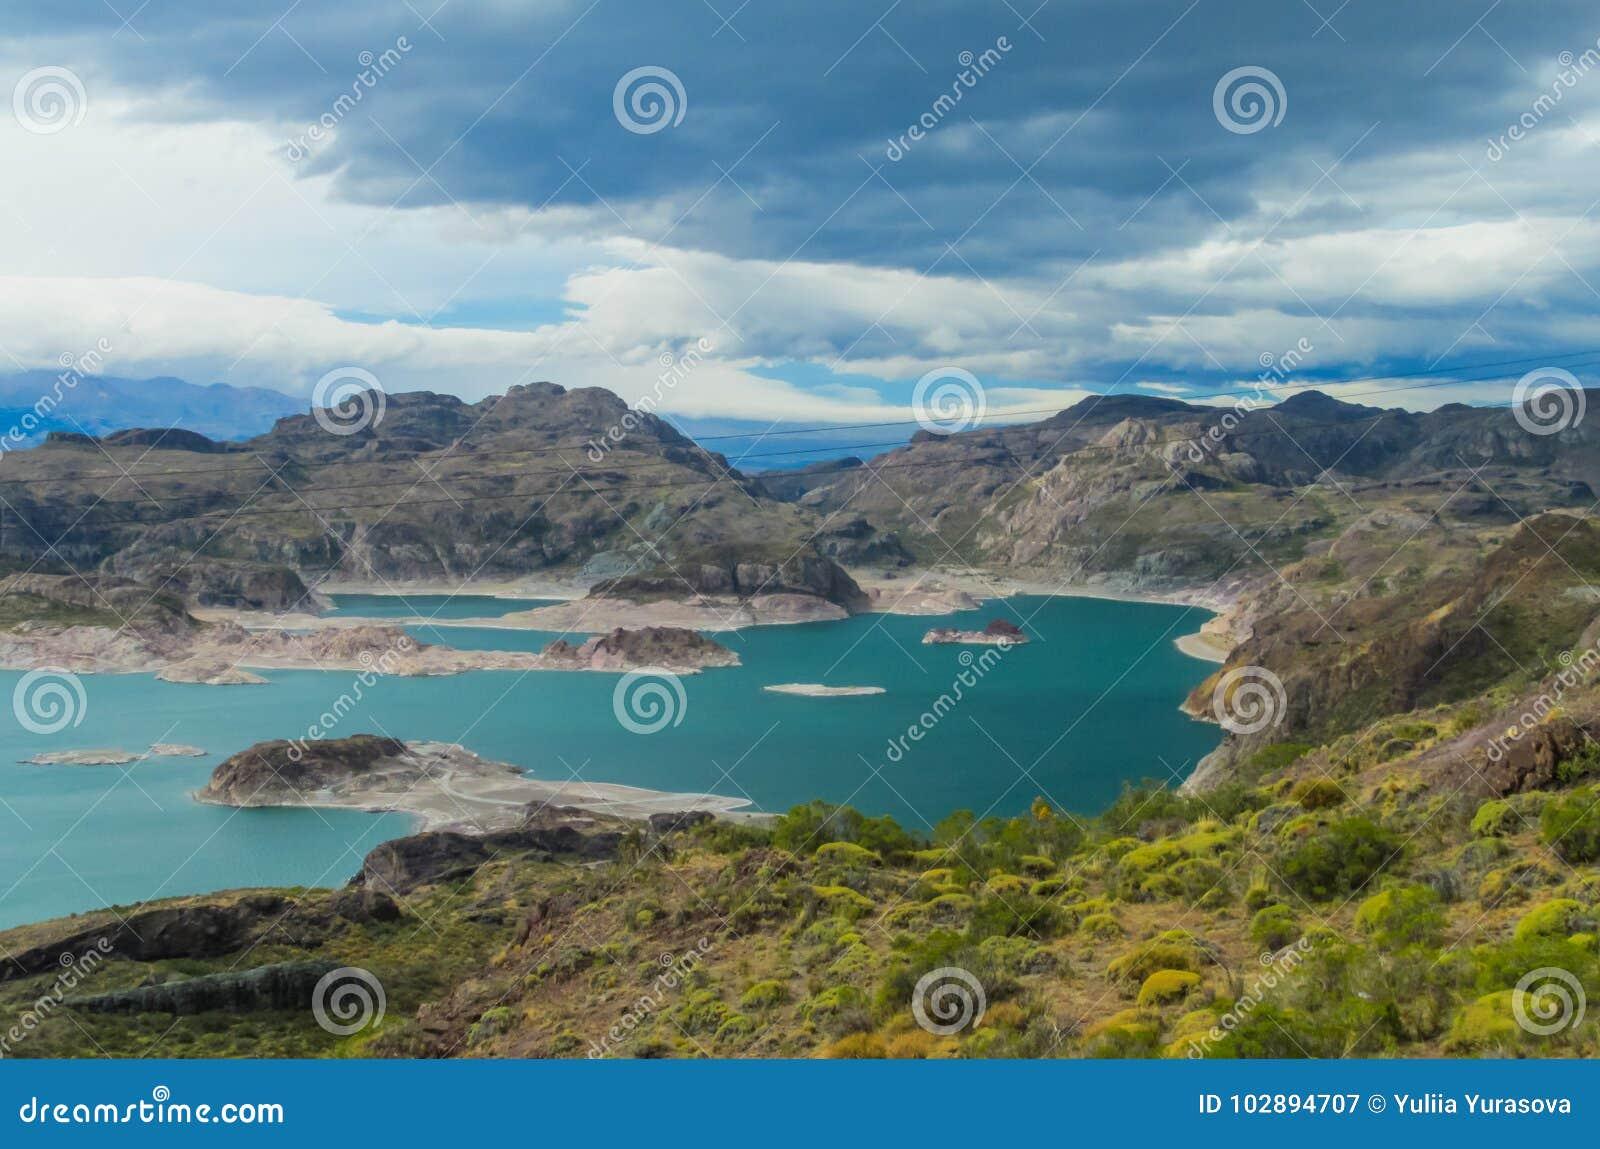 Красивые открытое море и утесы озеро и острова